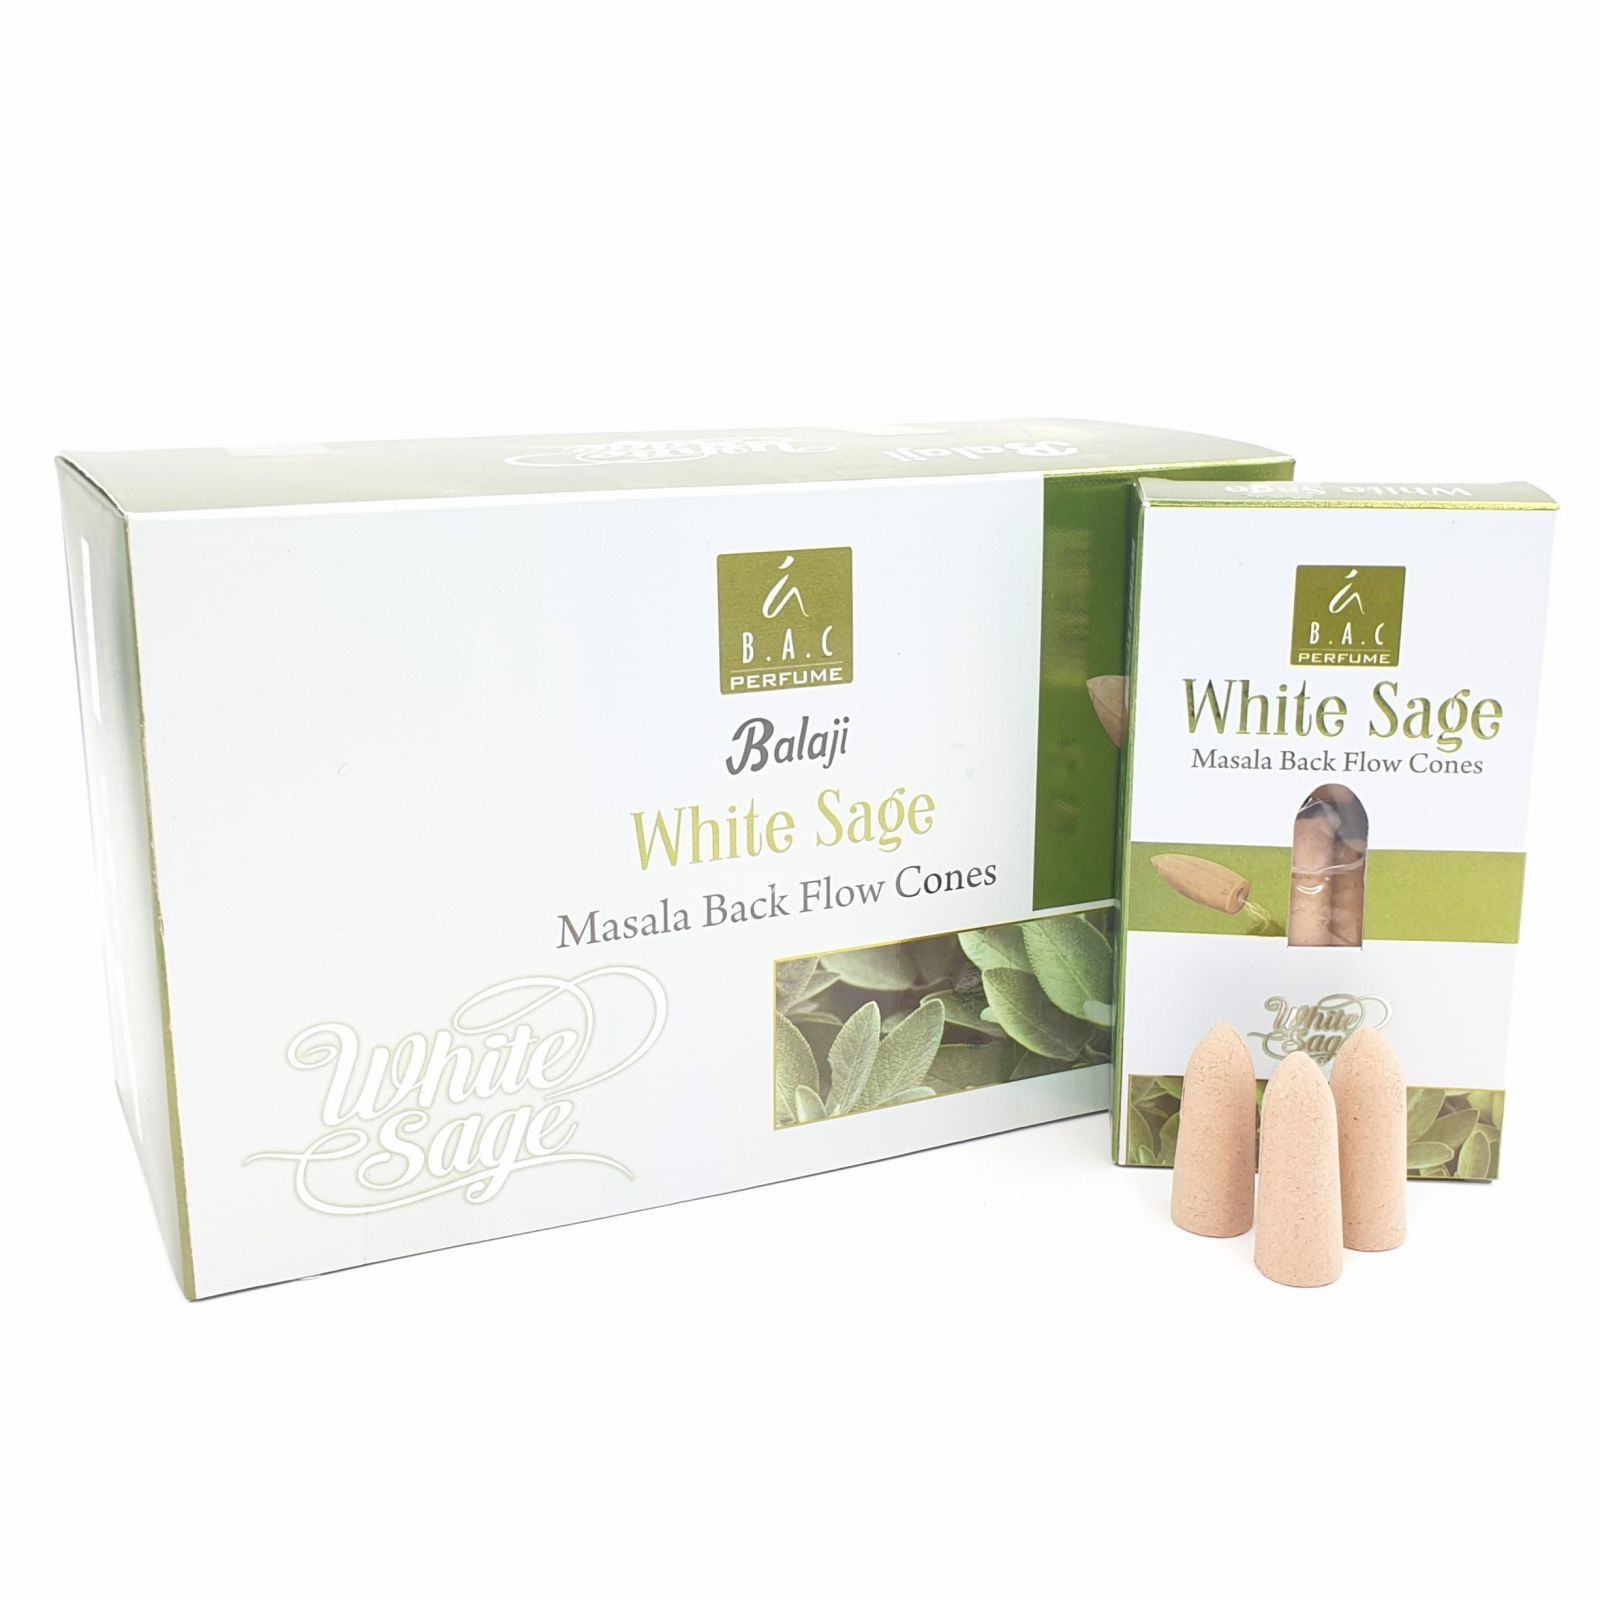 Kadzidełka BALAJI White Sage (biała szałwia) stożki back flow - 10 szt.